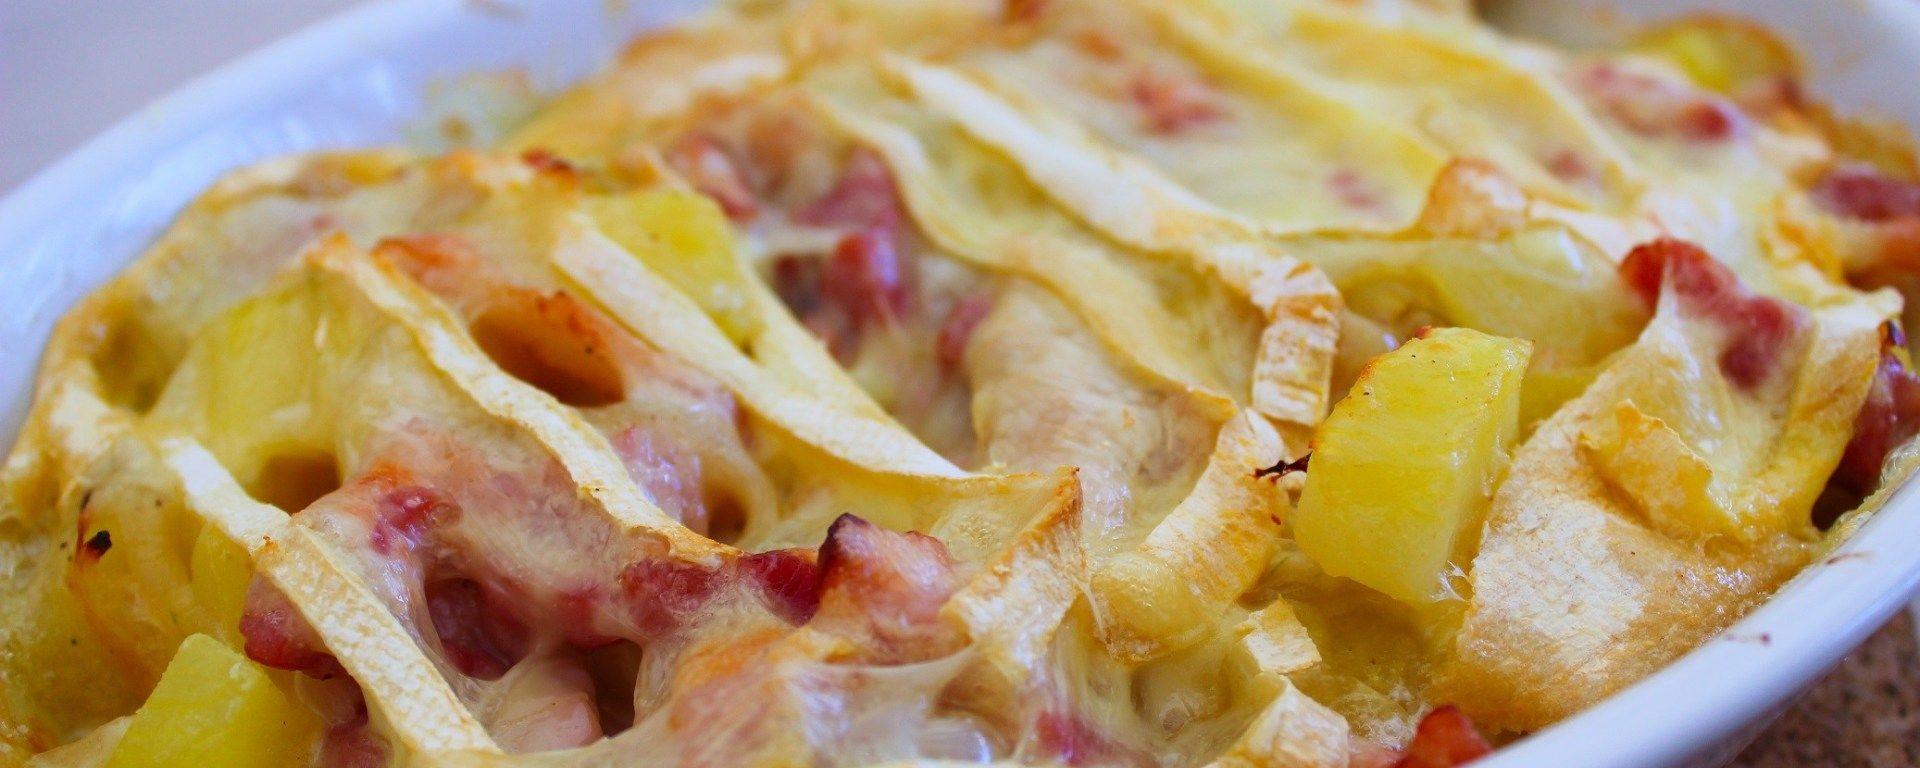 Tartiflette au Reblochon de Savoie - Délicimô ! Blog de Recettes de Cuisine et Pâtisserie